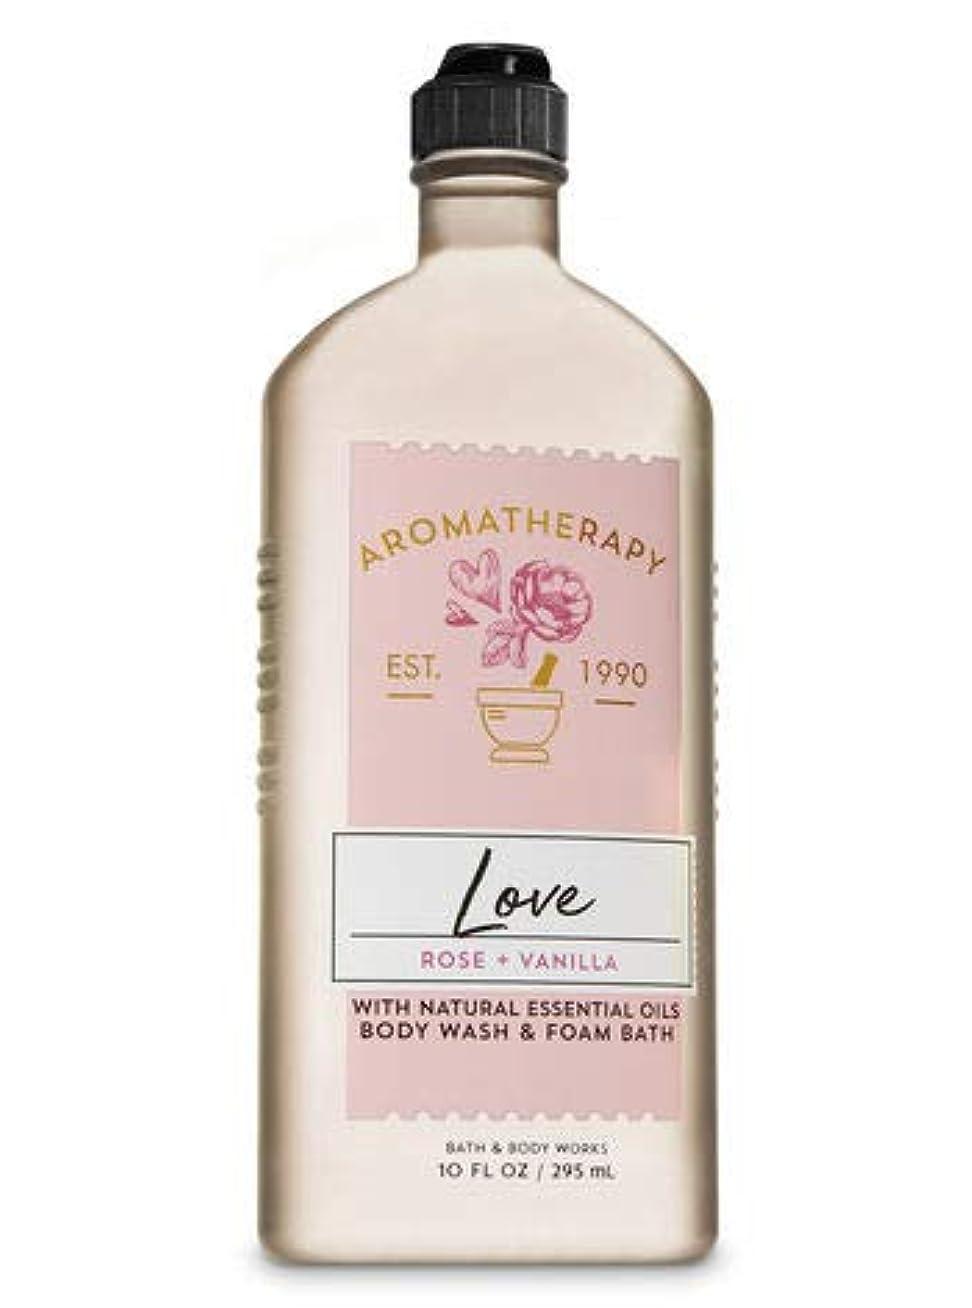 引く干渉組み合わせる【Bath&Body Works/バス&ボディワークス】 ボディウォッシュ&フォームバス アロマセラピー ラブ ローズ&バニラ Body Wash & Foam Bath Aromatherapy Love Rose & Vanilla 10 fl oz / 295 mL [並行輸入品]